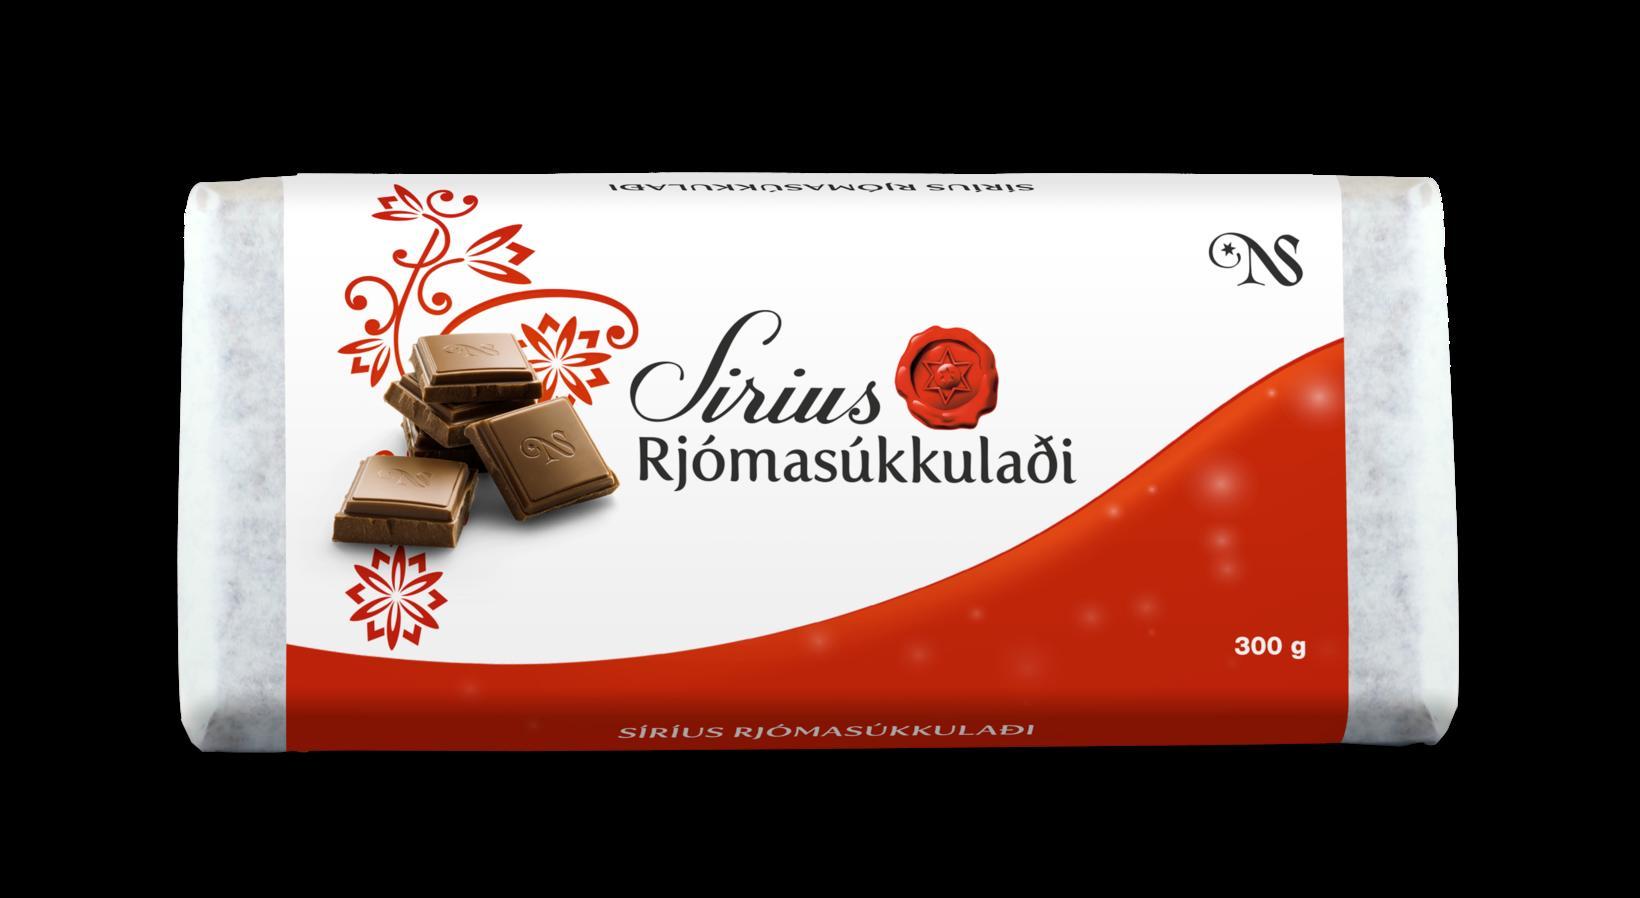 Um er að ræða þrjár tegundir Síríus súkkulaðis.